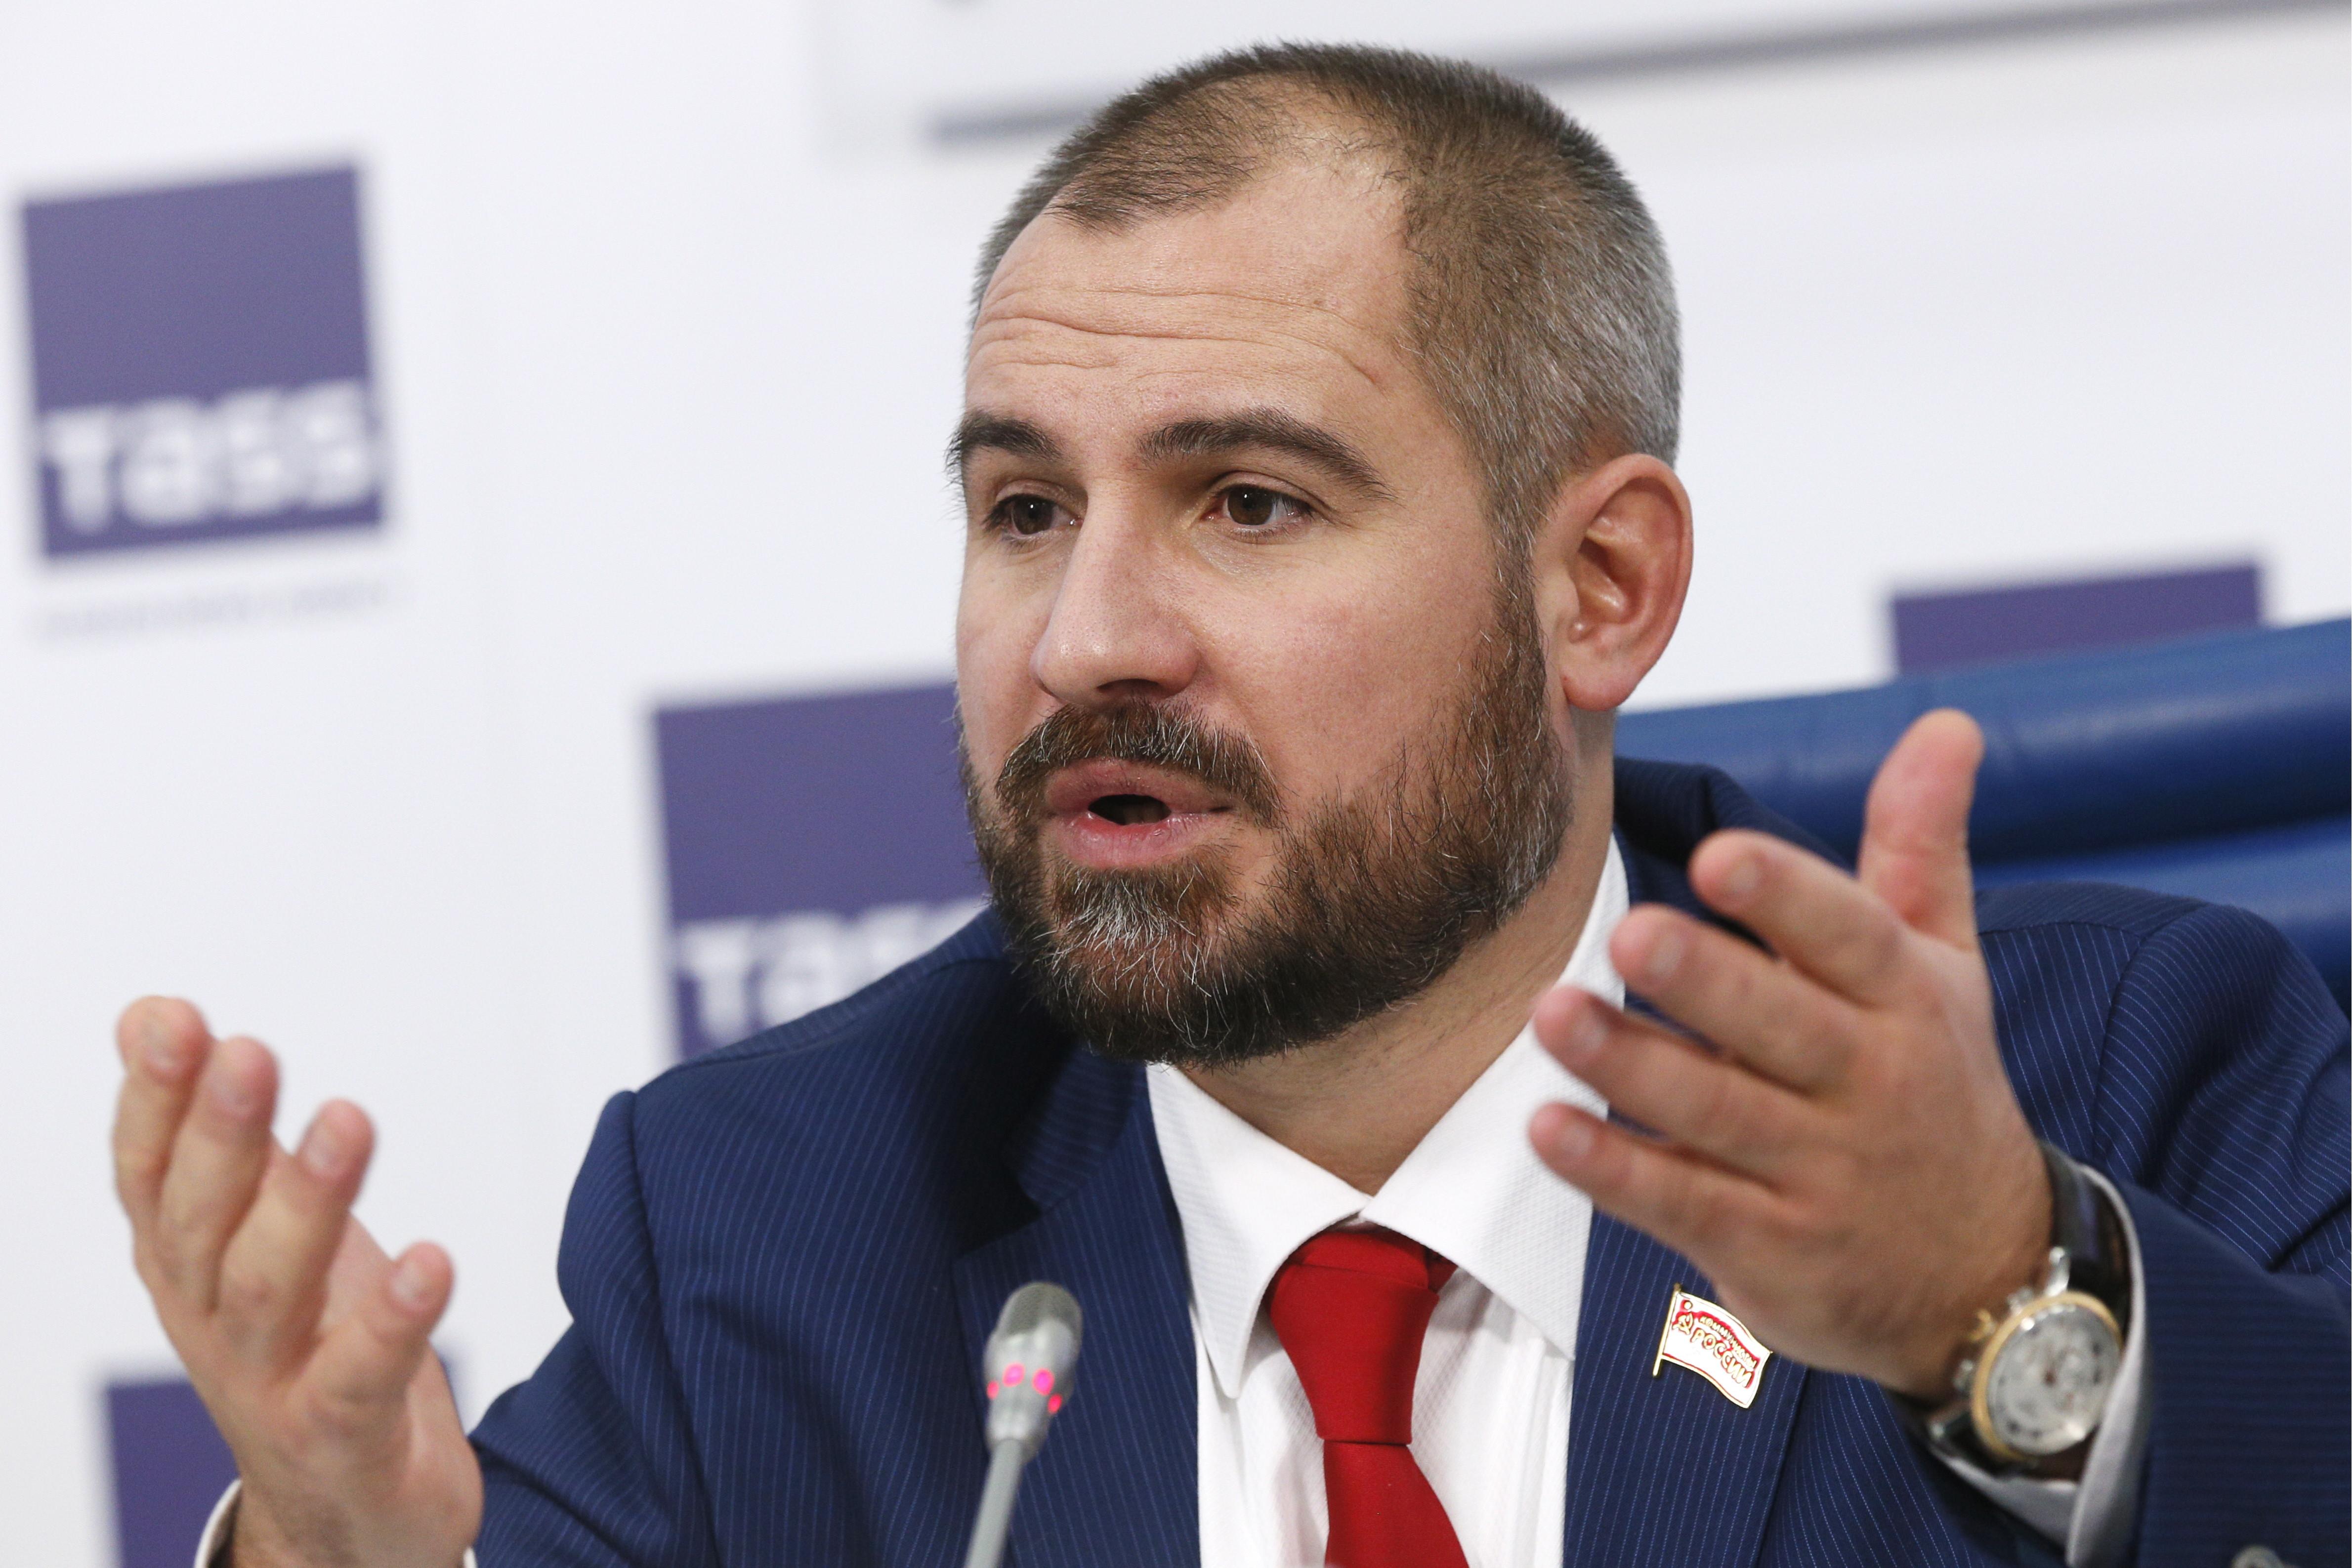 Выборы2018: ЦИК назвал процент брака вподписях Сурайкина иСобчак